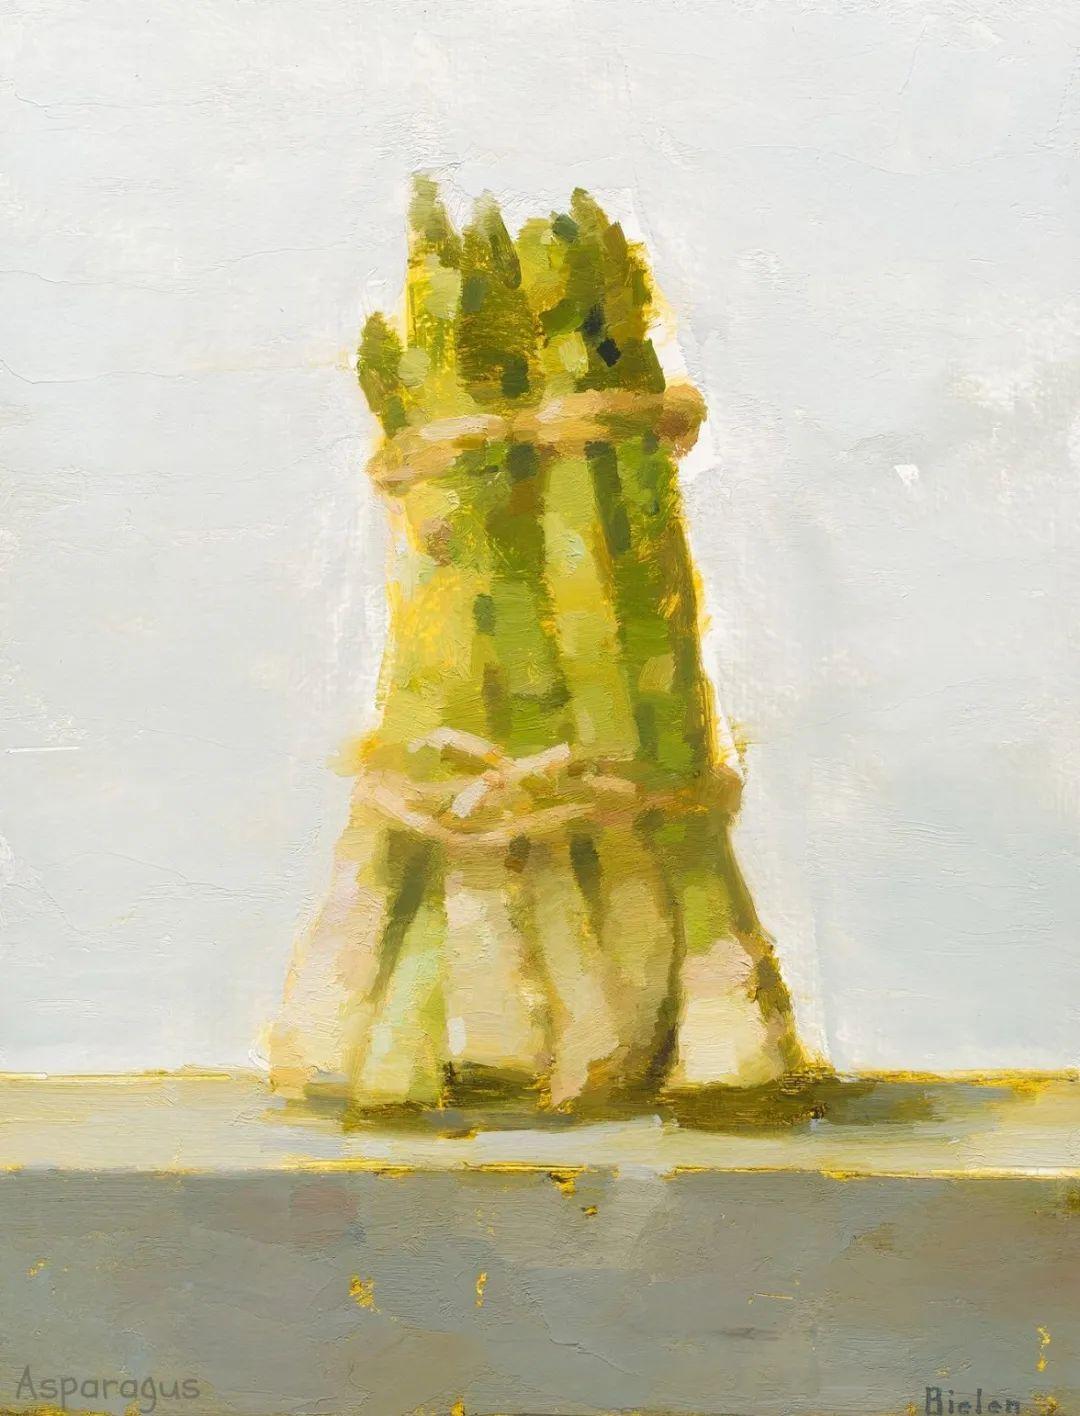 简约宁静 | 波兰画家斯坦利·比伦作品欣赏插图1